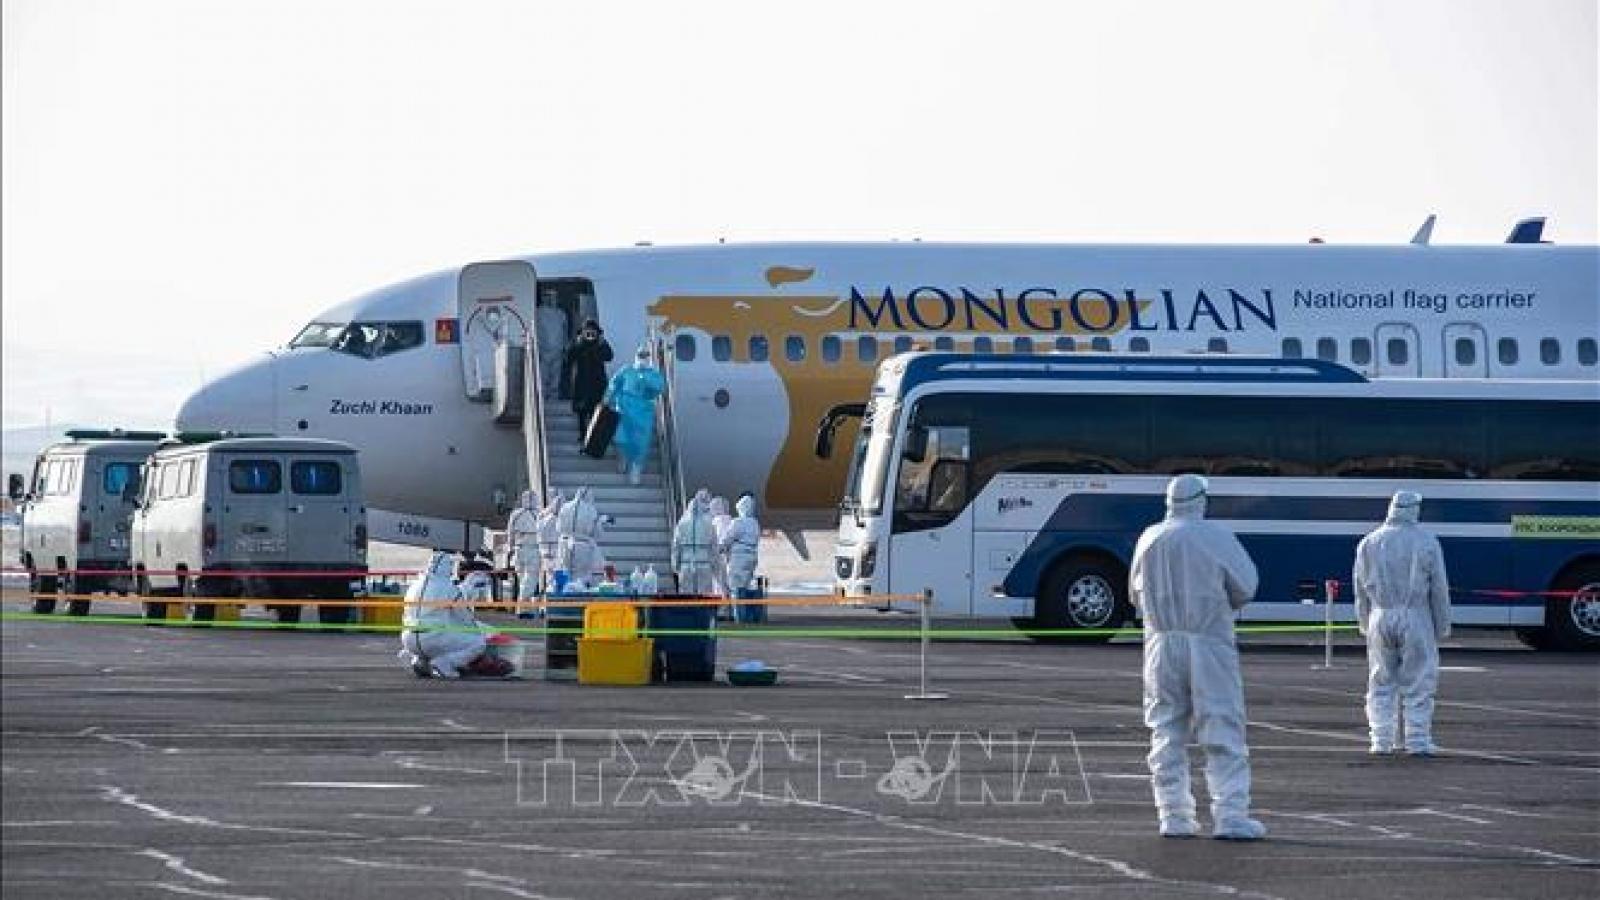 Mông Cổ đã ghi nhận ca lây nhiễm Covid-19 đầu tiên trong cộng đồng